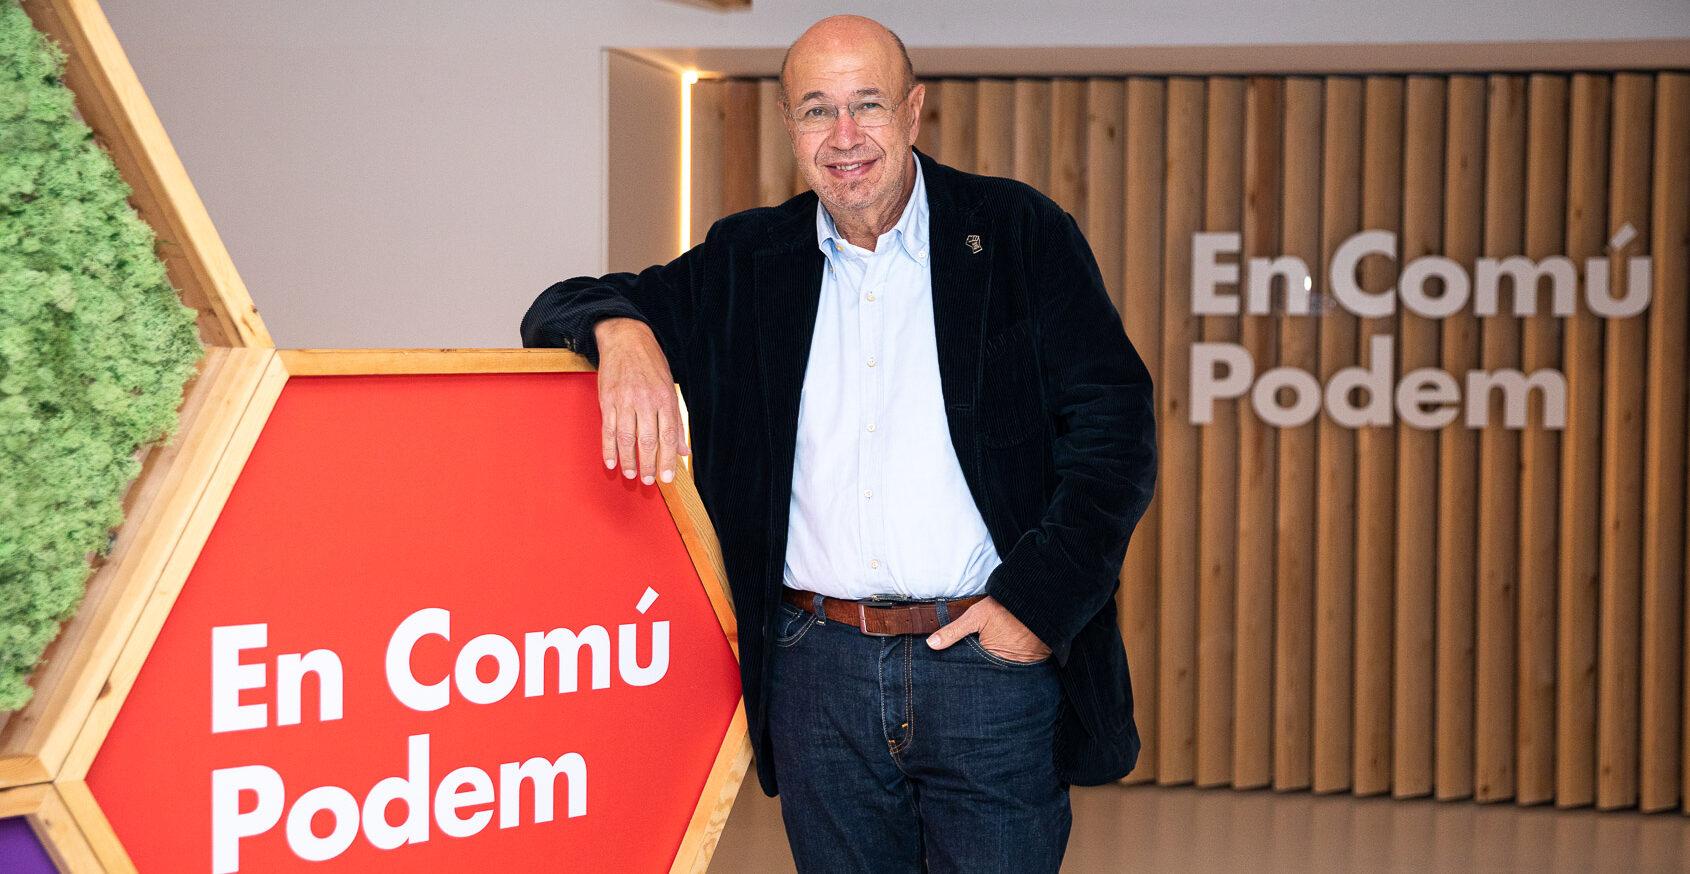 El número dos d'En Comú Podem, Joan Carles Gallego JORDI BORRÀS